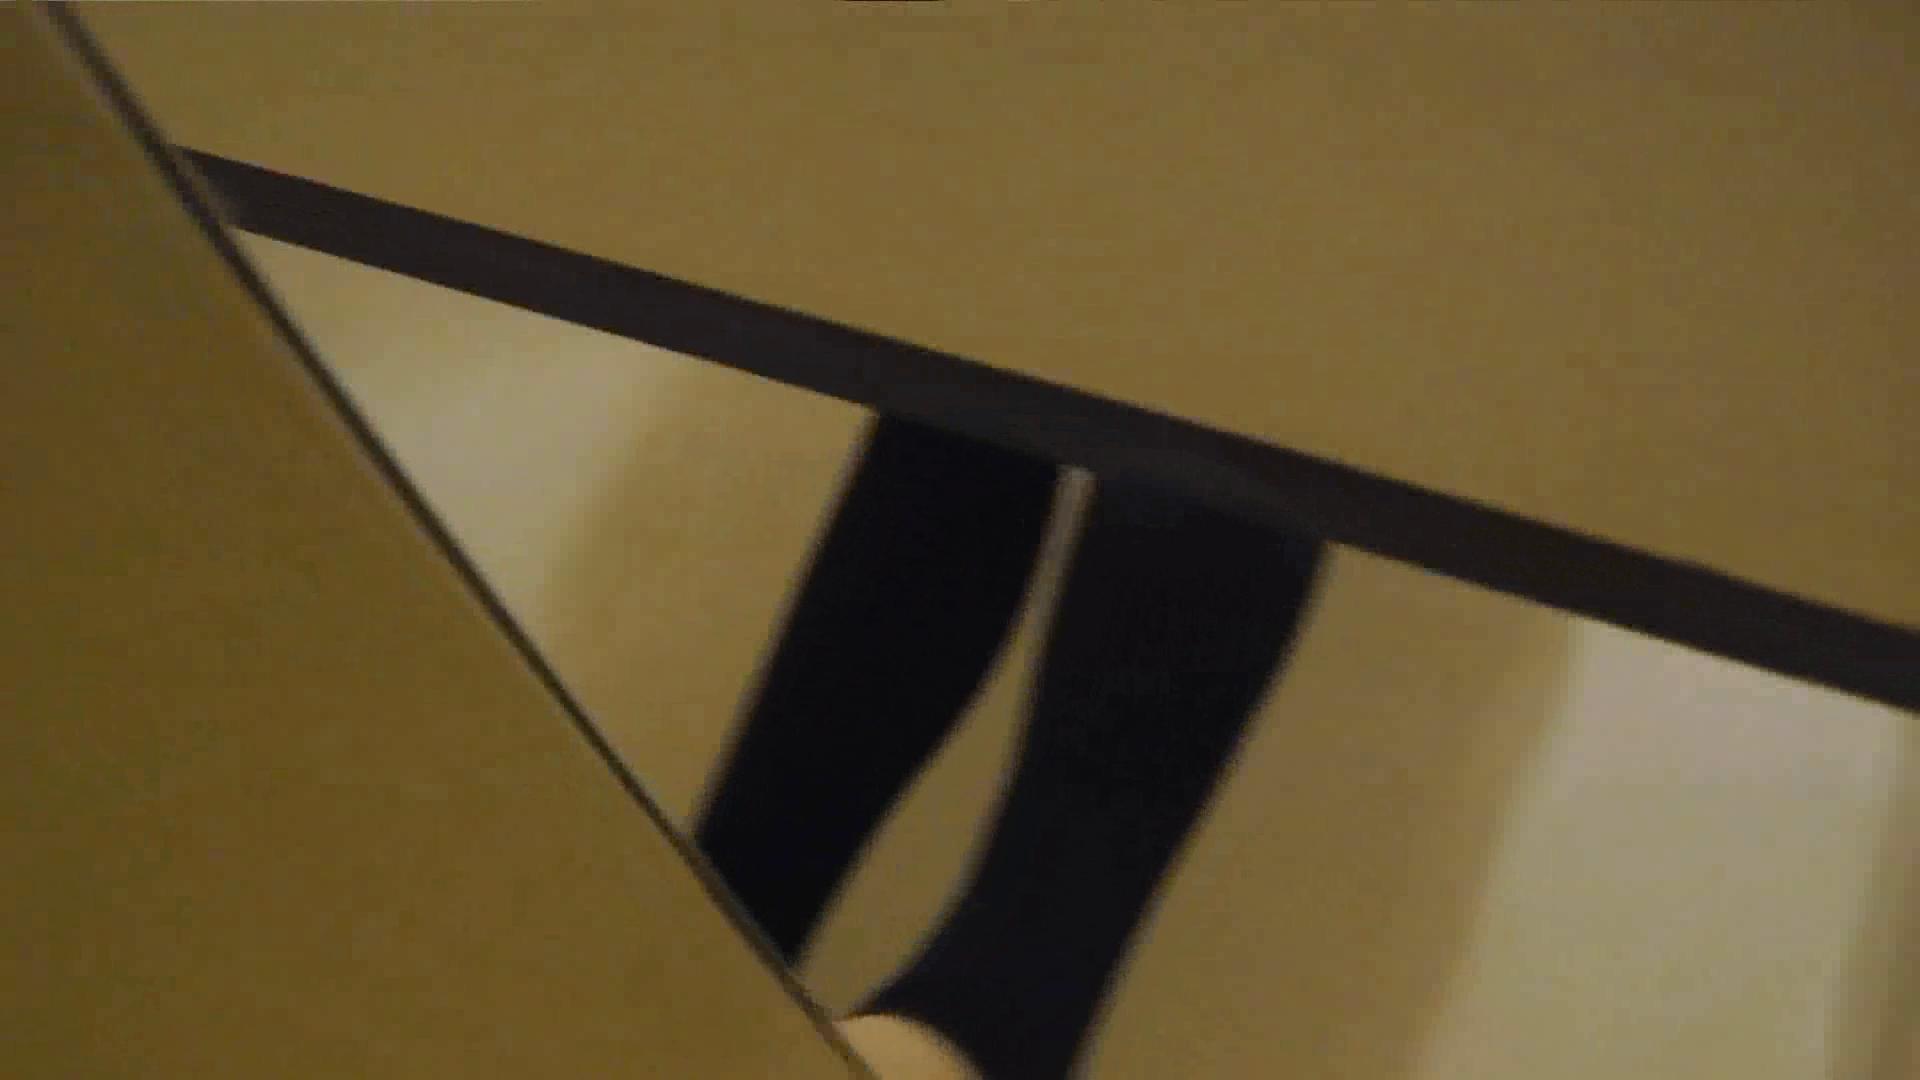 無料アダルト動画:世界の射窓から vol.41 ぼうしタンのアソコ:怪盗ジョーカー